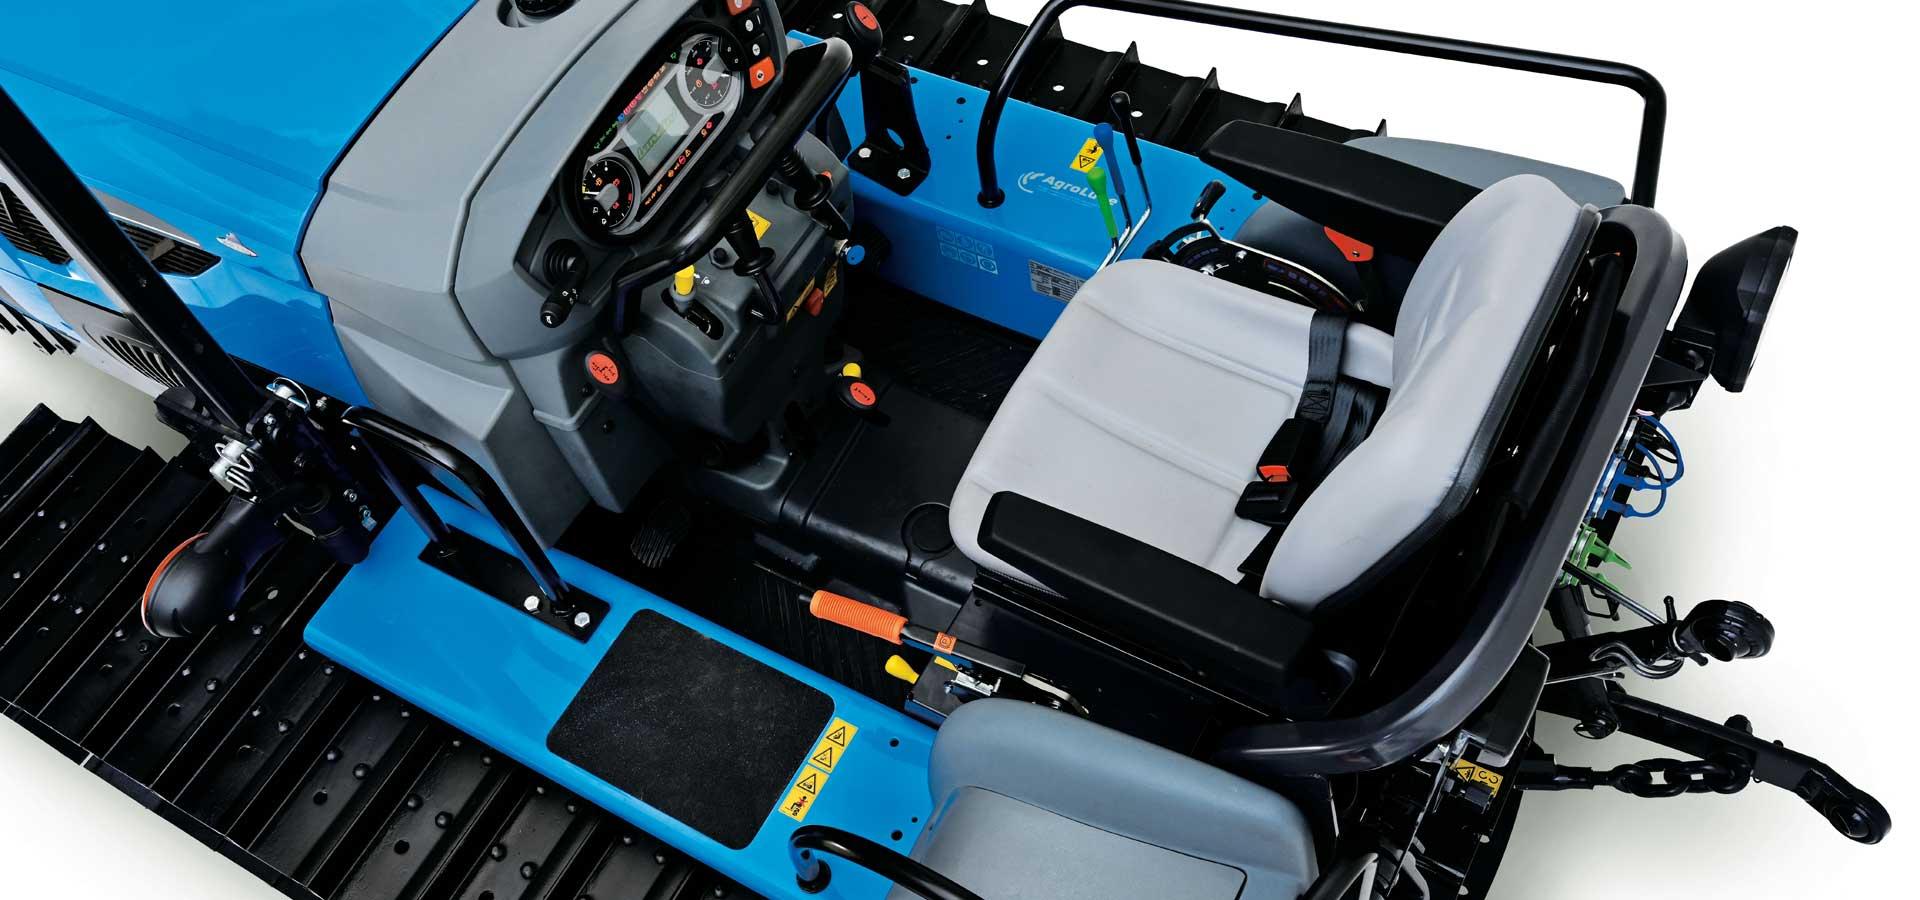 Serie-Trekker-4-095-M-driving-position-1